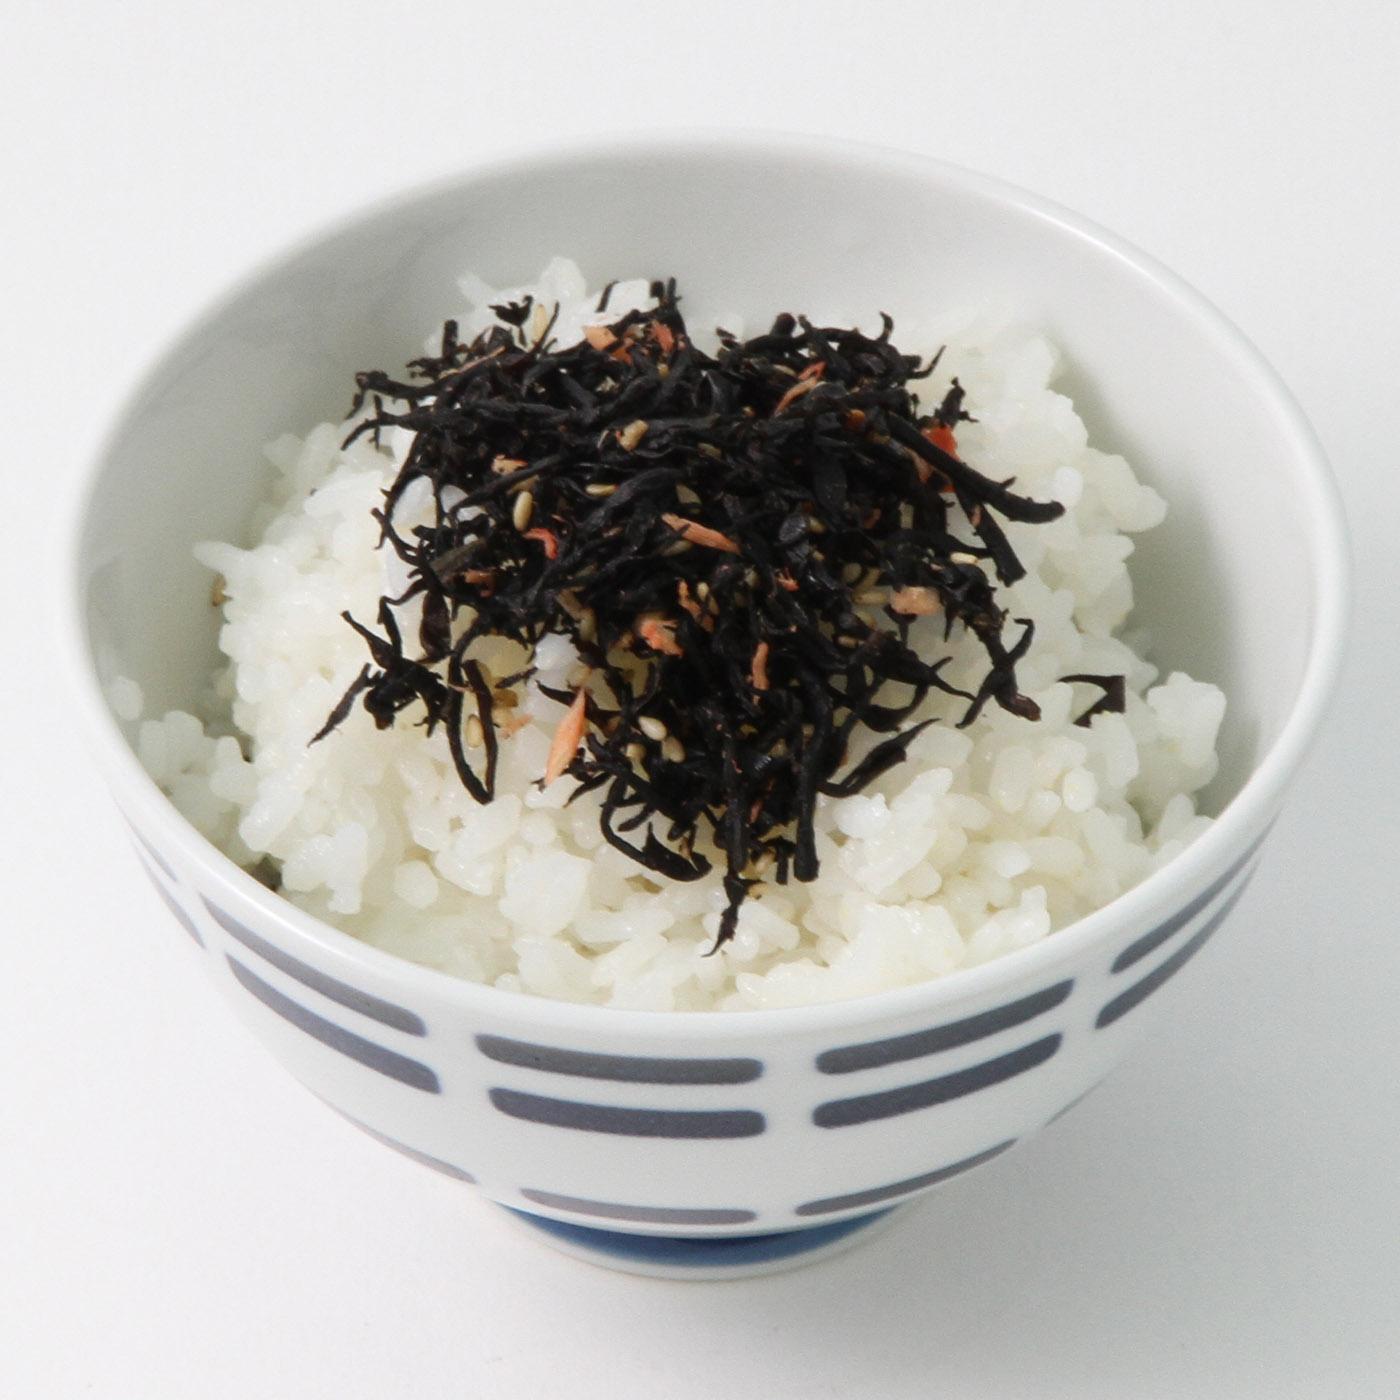 ひじきふりかけ(鮭)